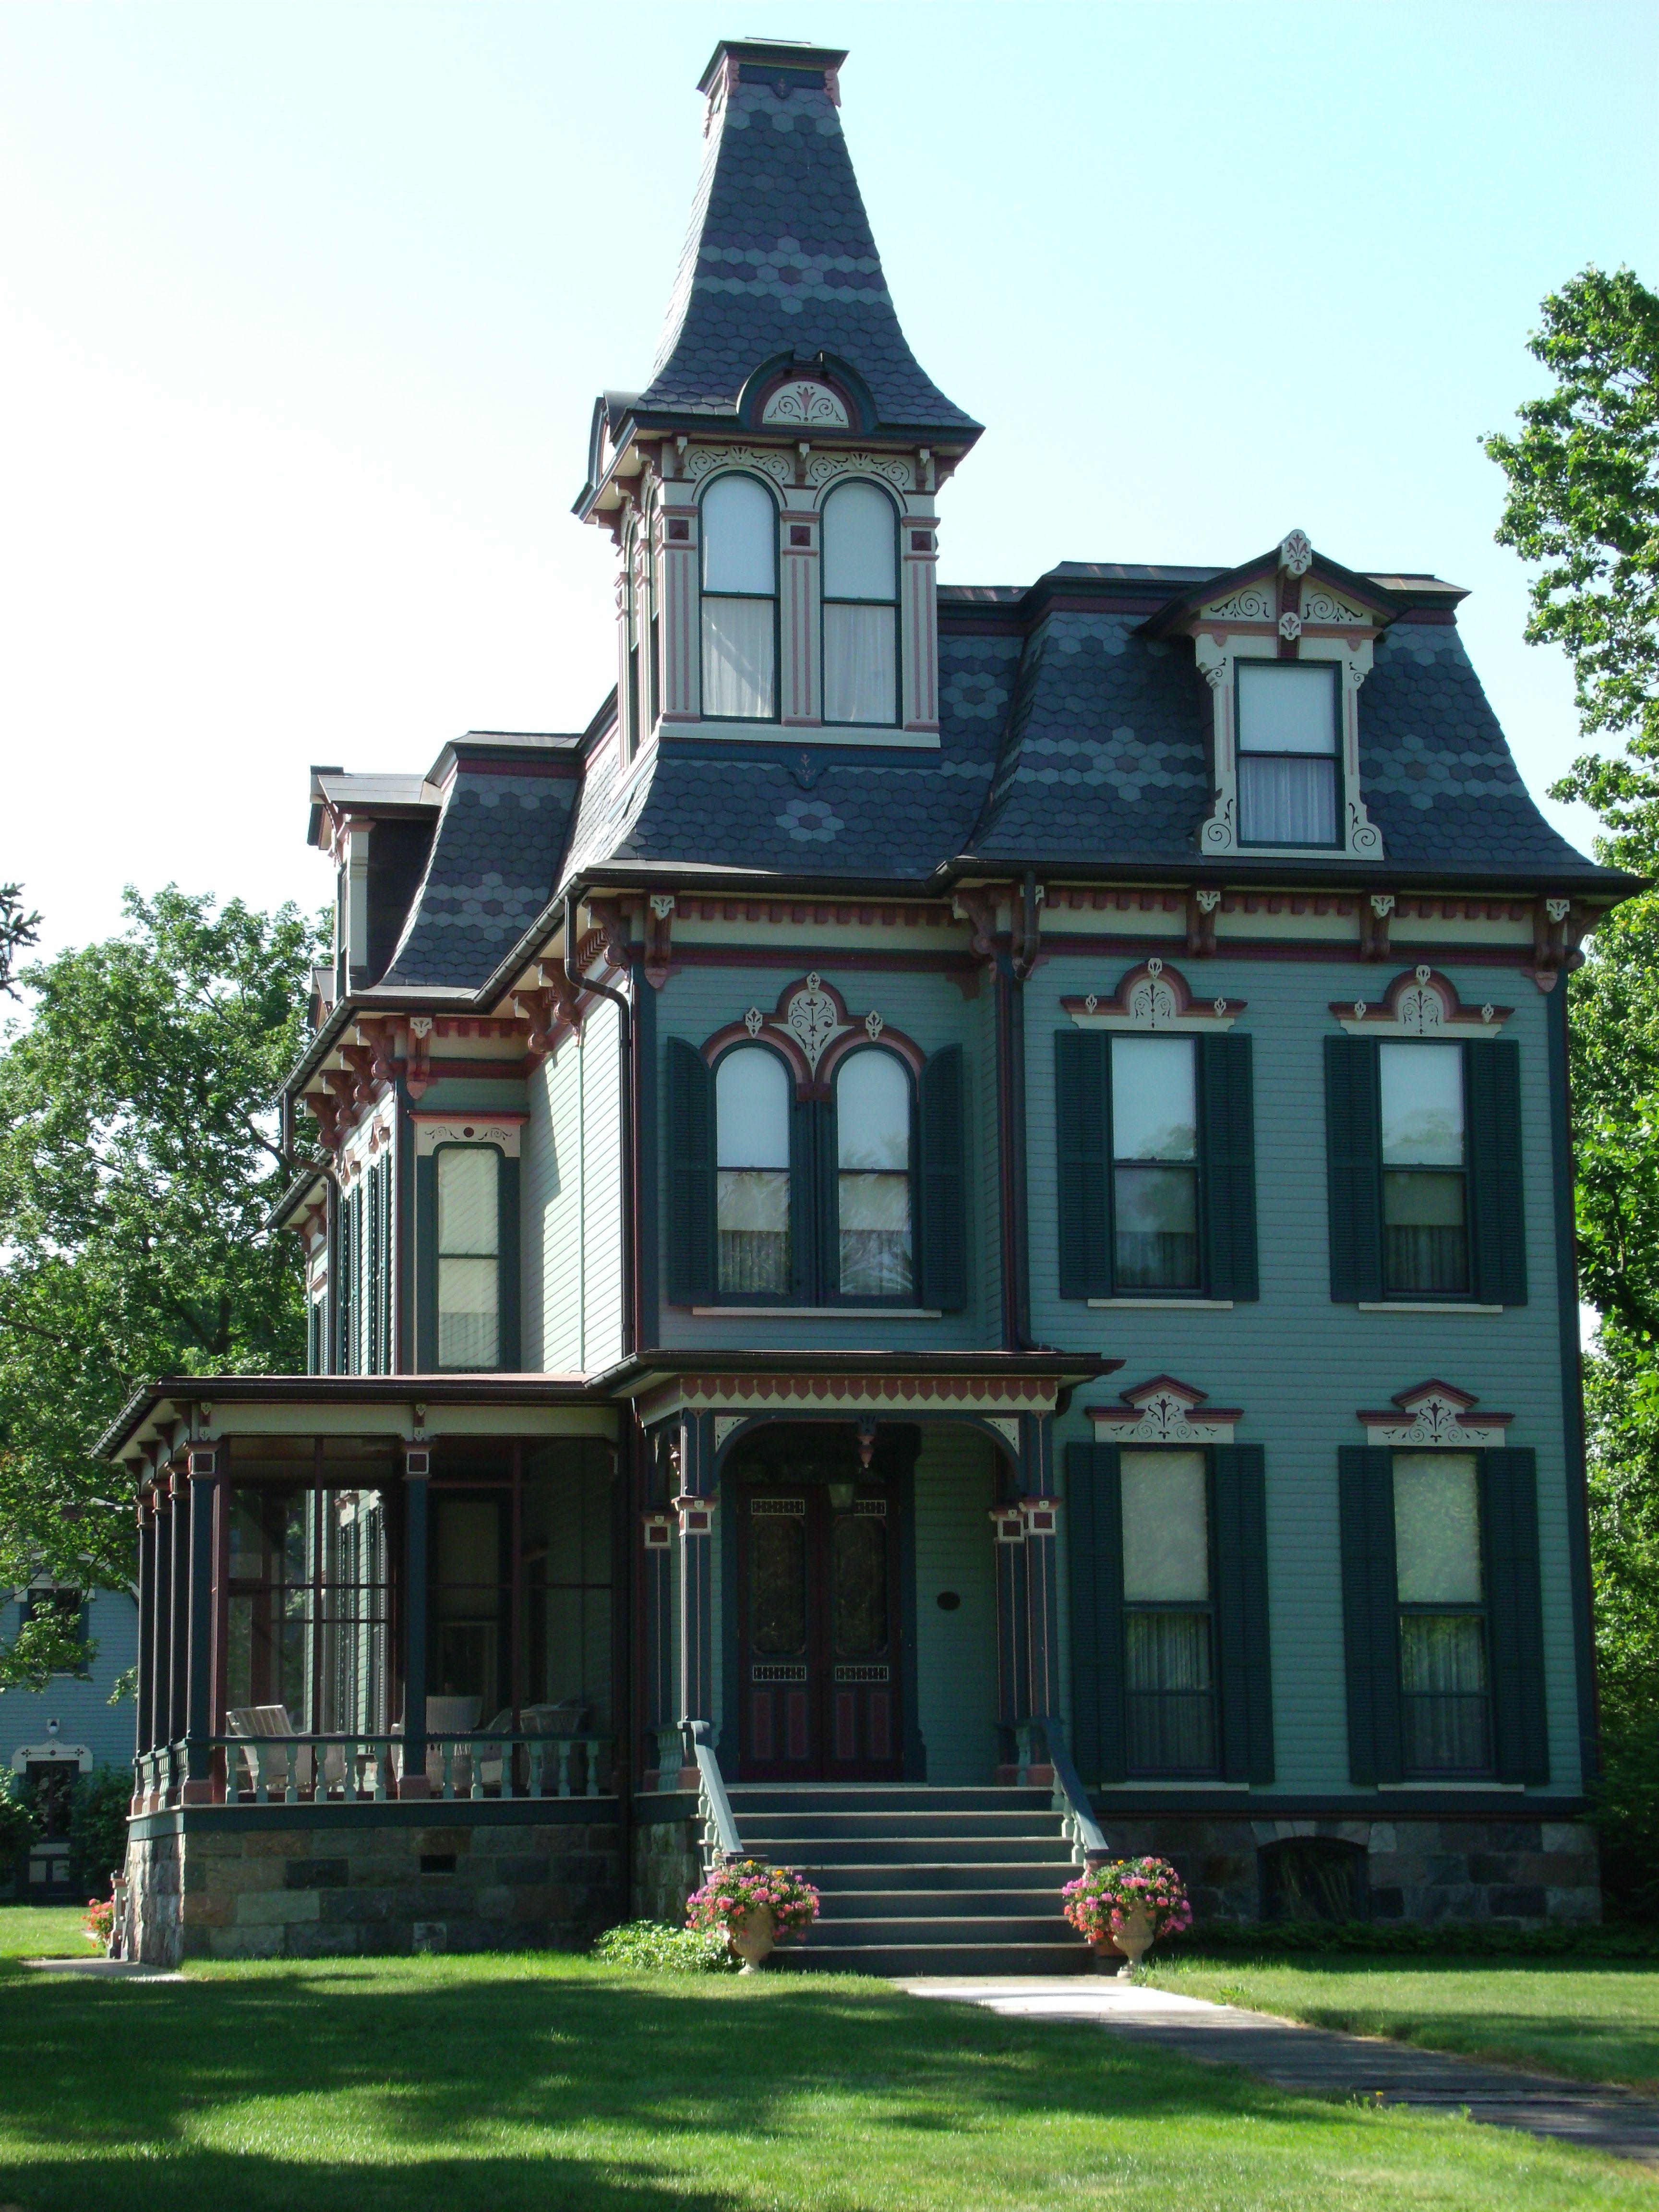 Davenport curtiss mansion saline mi victorian houses - Mansion victoriana ...